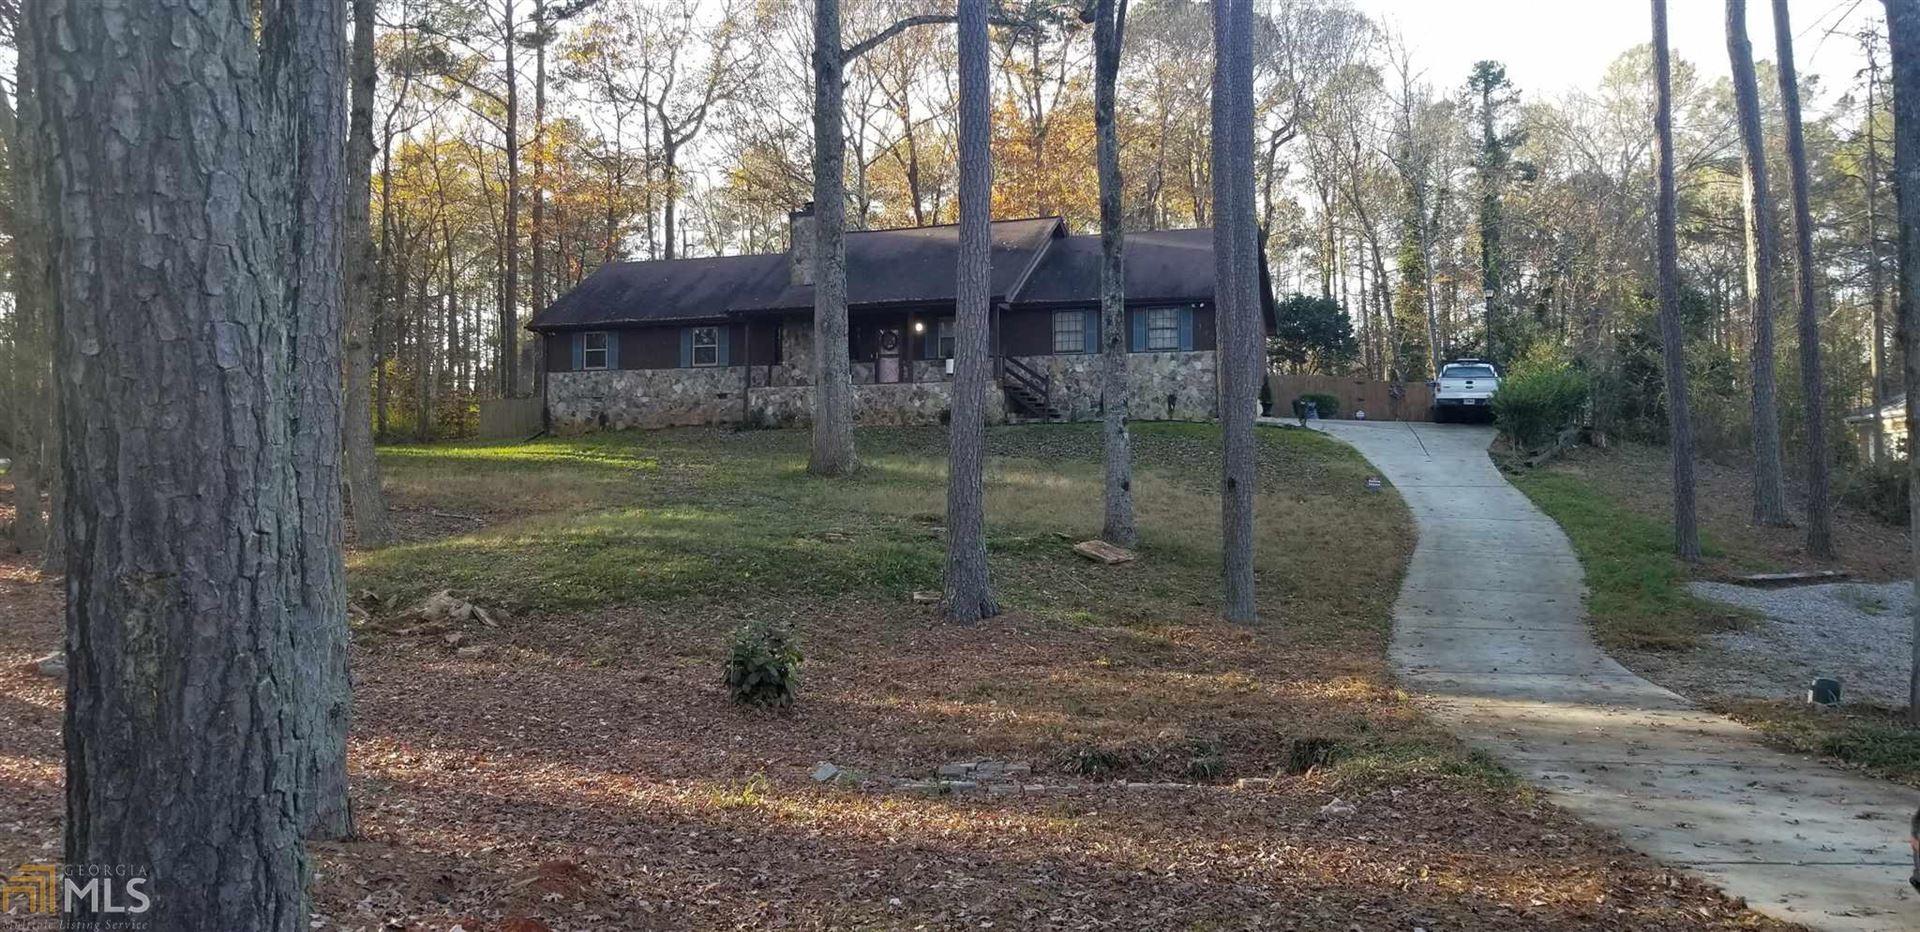 100 Deer Forest Trl, Fayetteville, GA 30214 - MLS#: 8902502